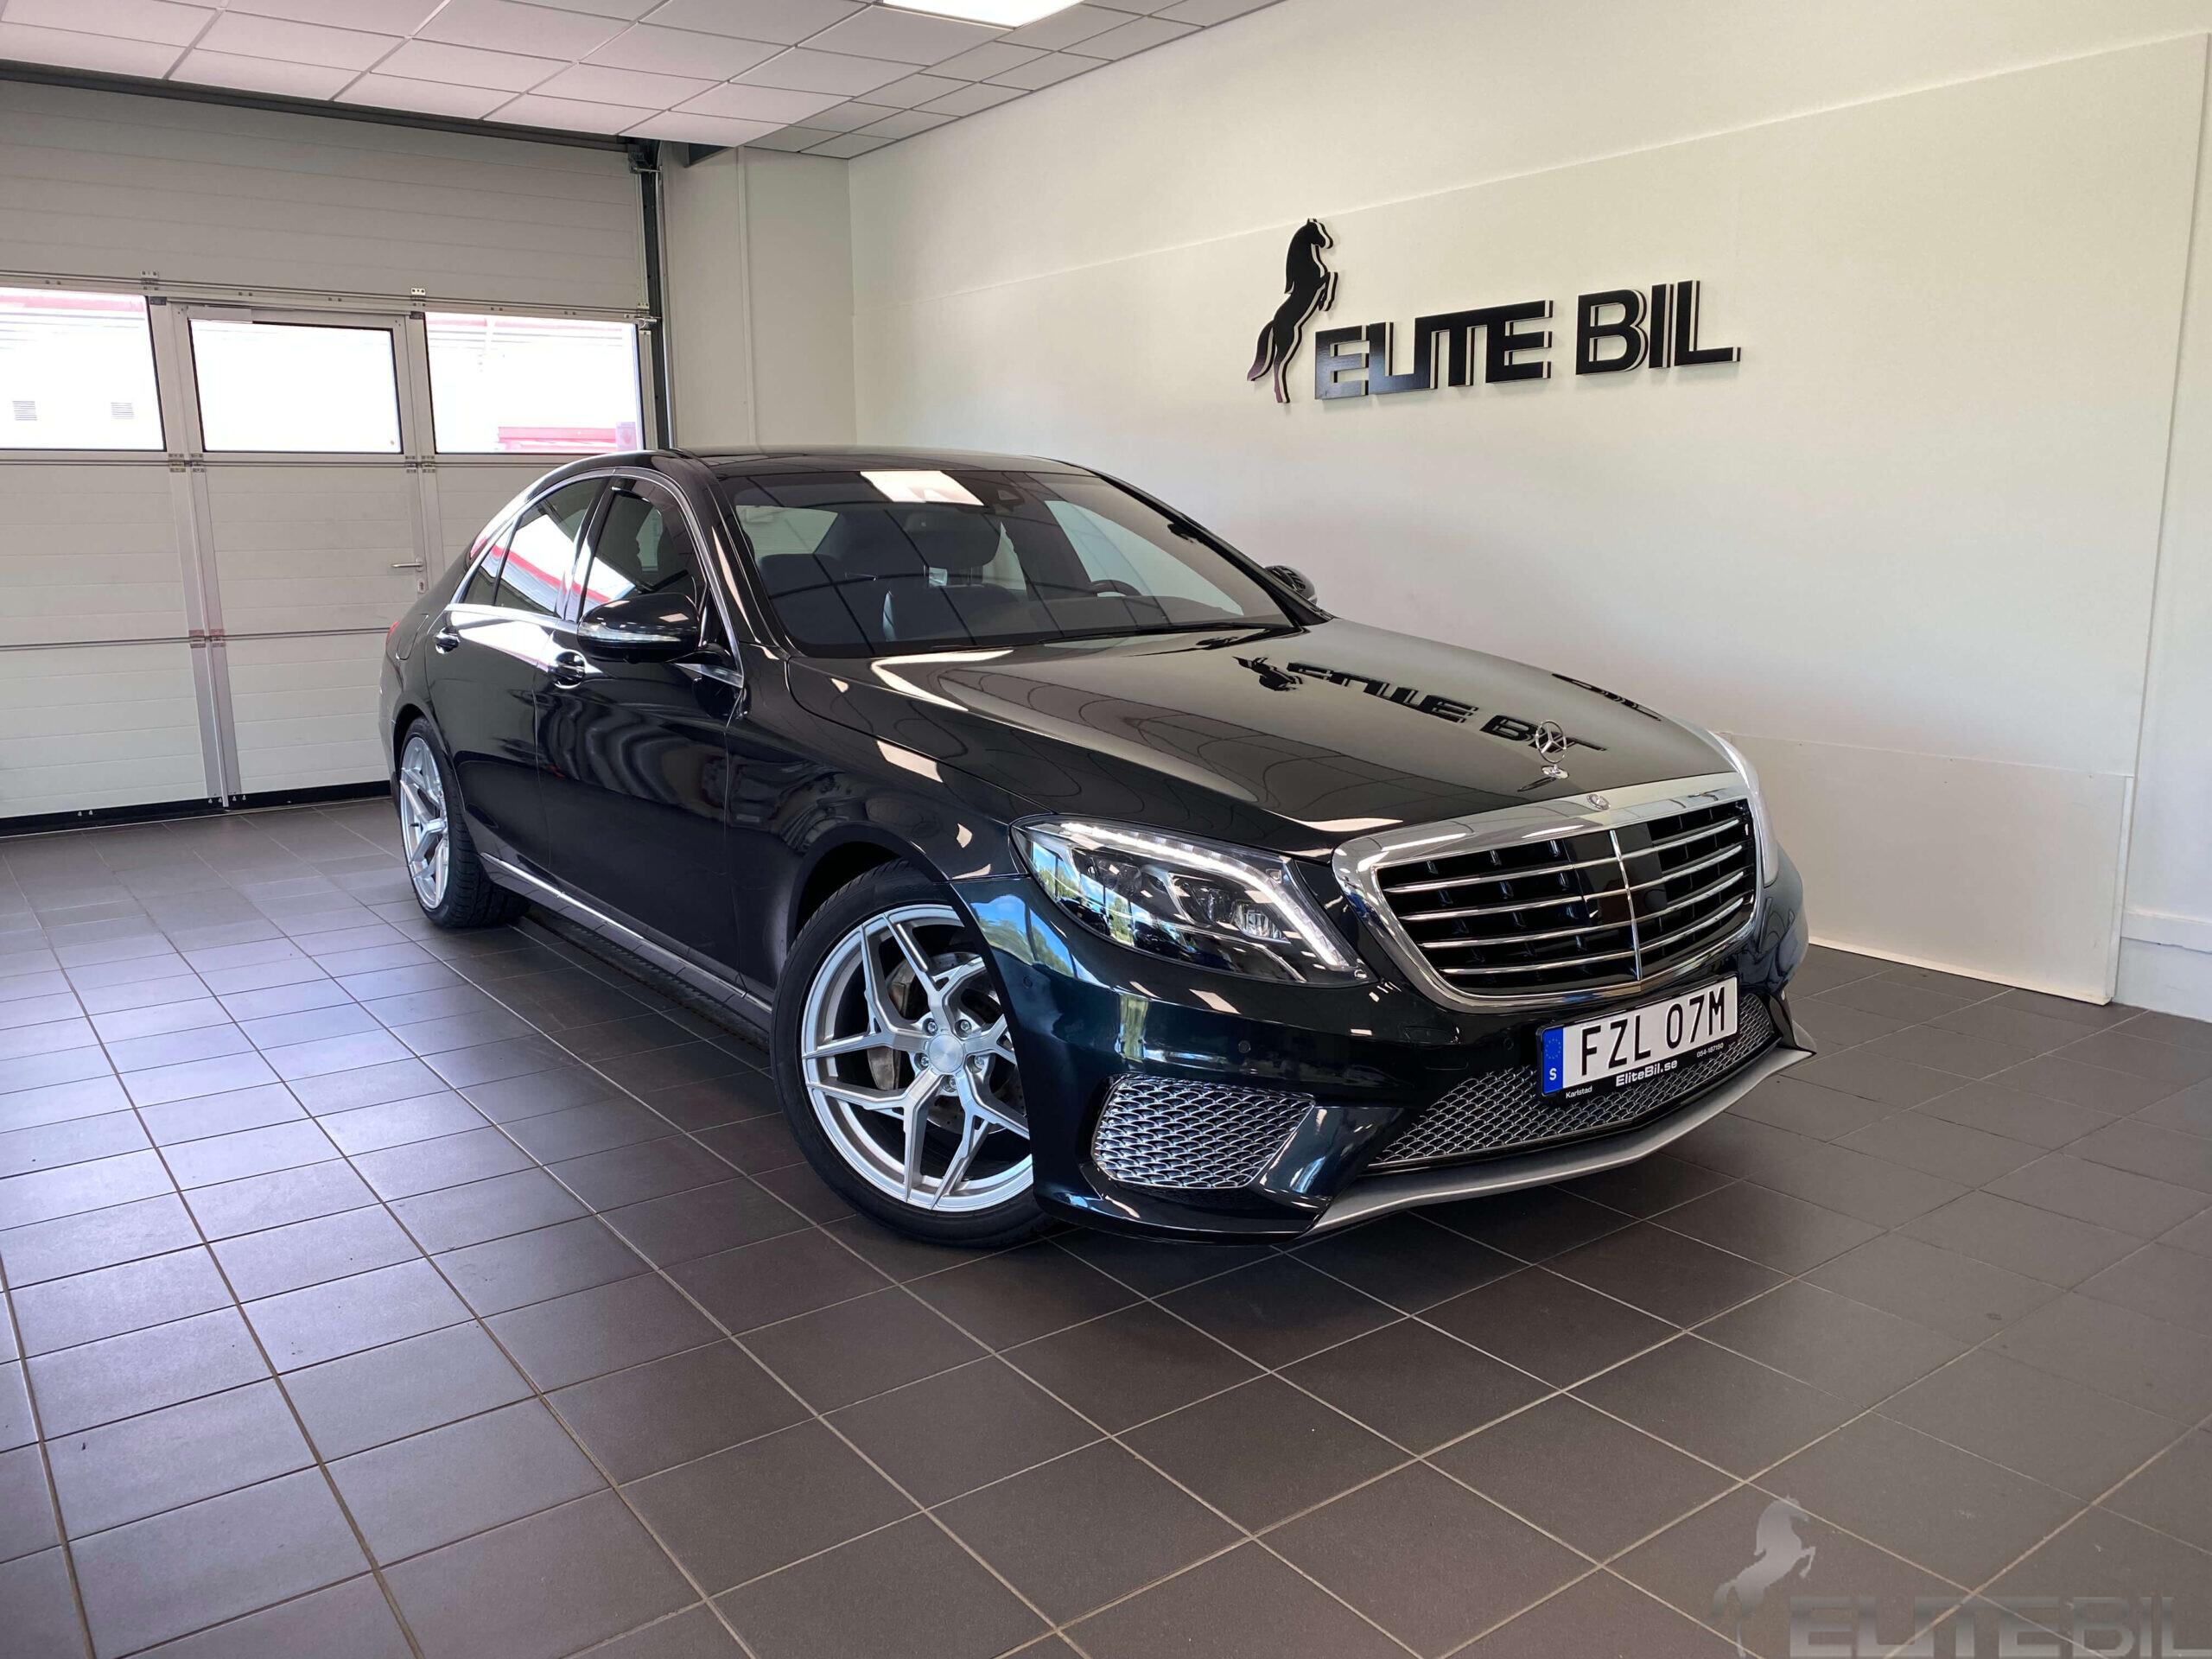 Mercedes-Benz S 350D AMG 63 optik 20″ Bör Ses